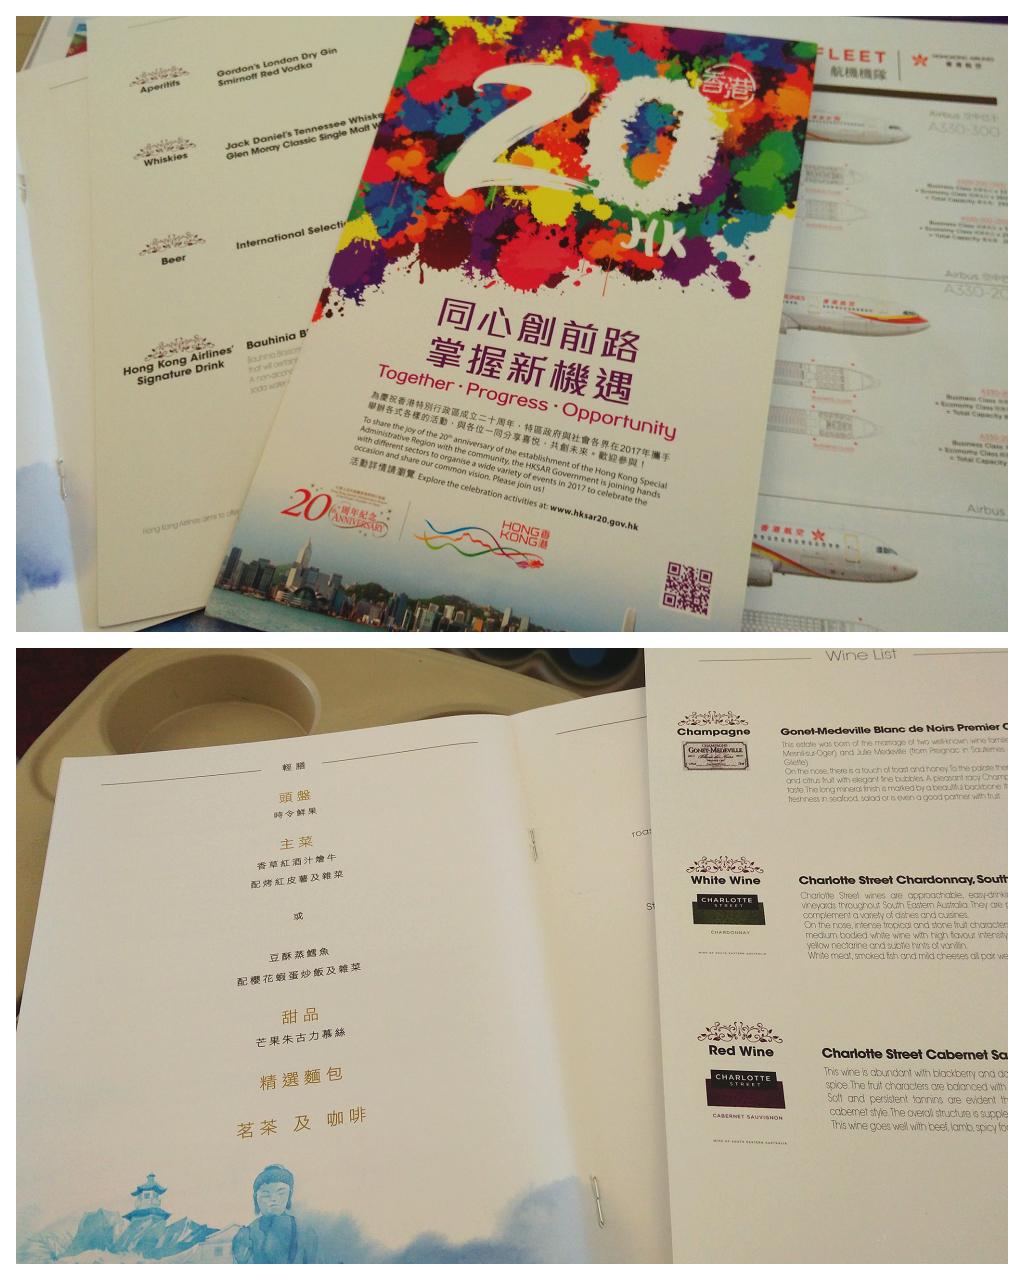 黑老闆說︱適逢香港回歸20週年,空姐遞上的菜單酒單還夾上慶祝文宣。